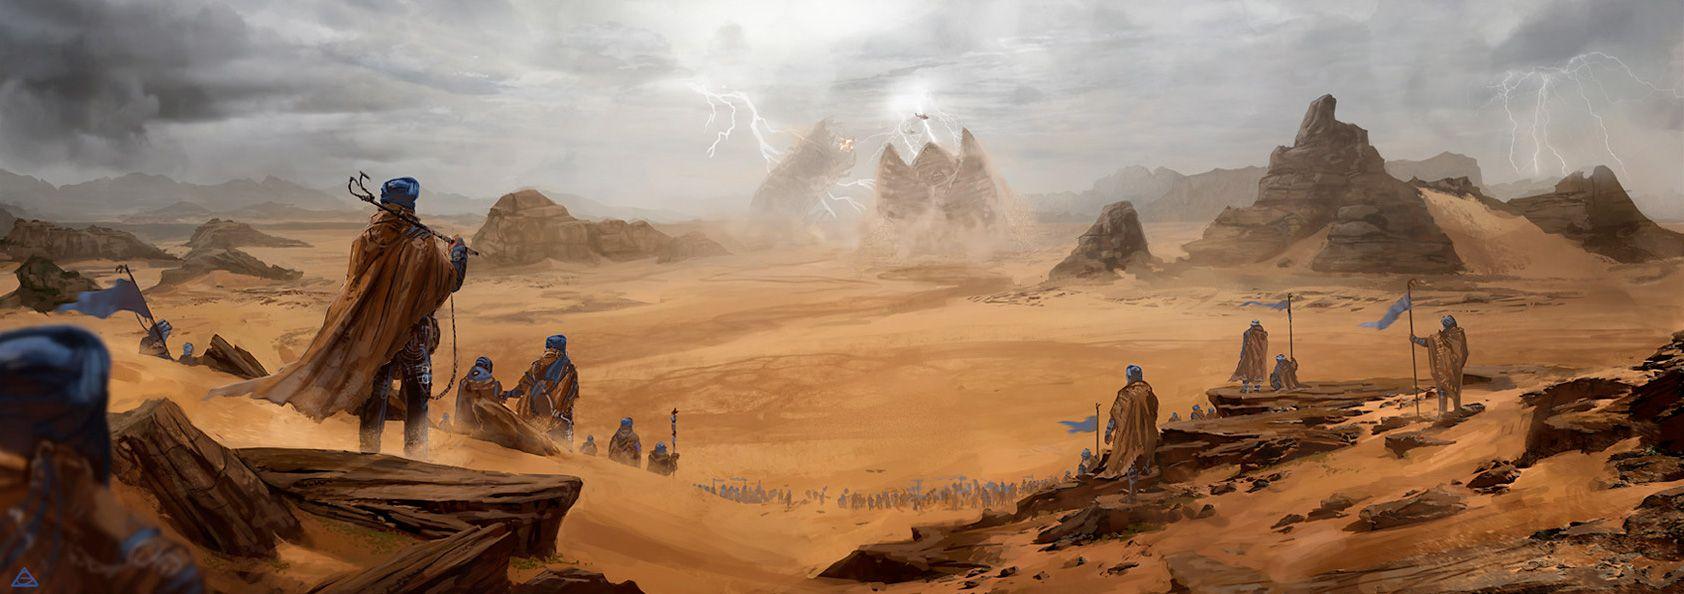 Dune_Concept_Art_Illustration_01_Gary_Jamroz.jpg (1684×594)